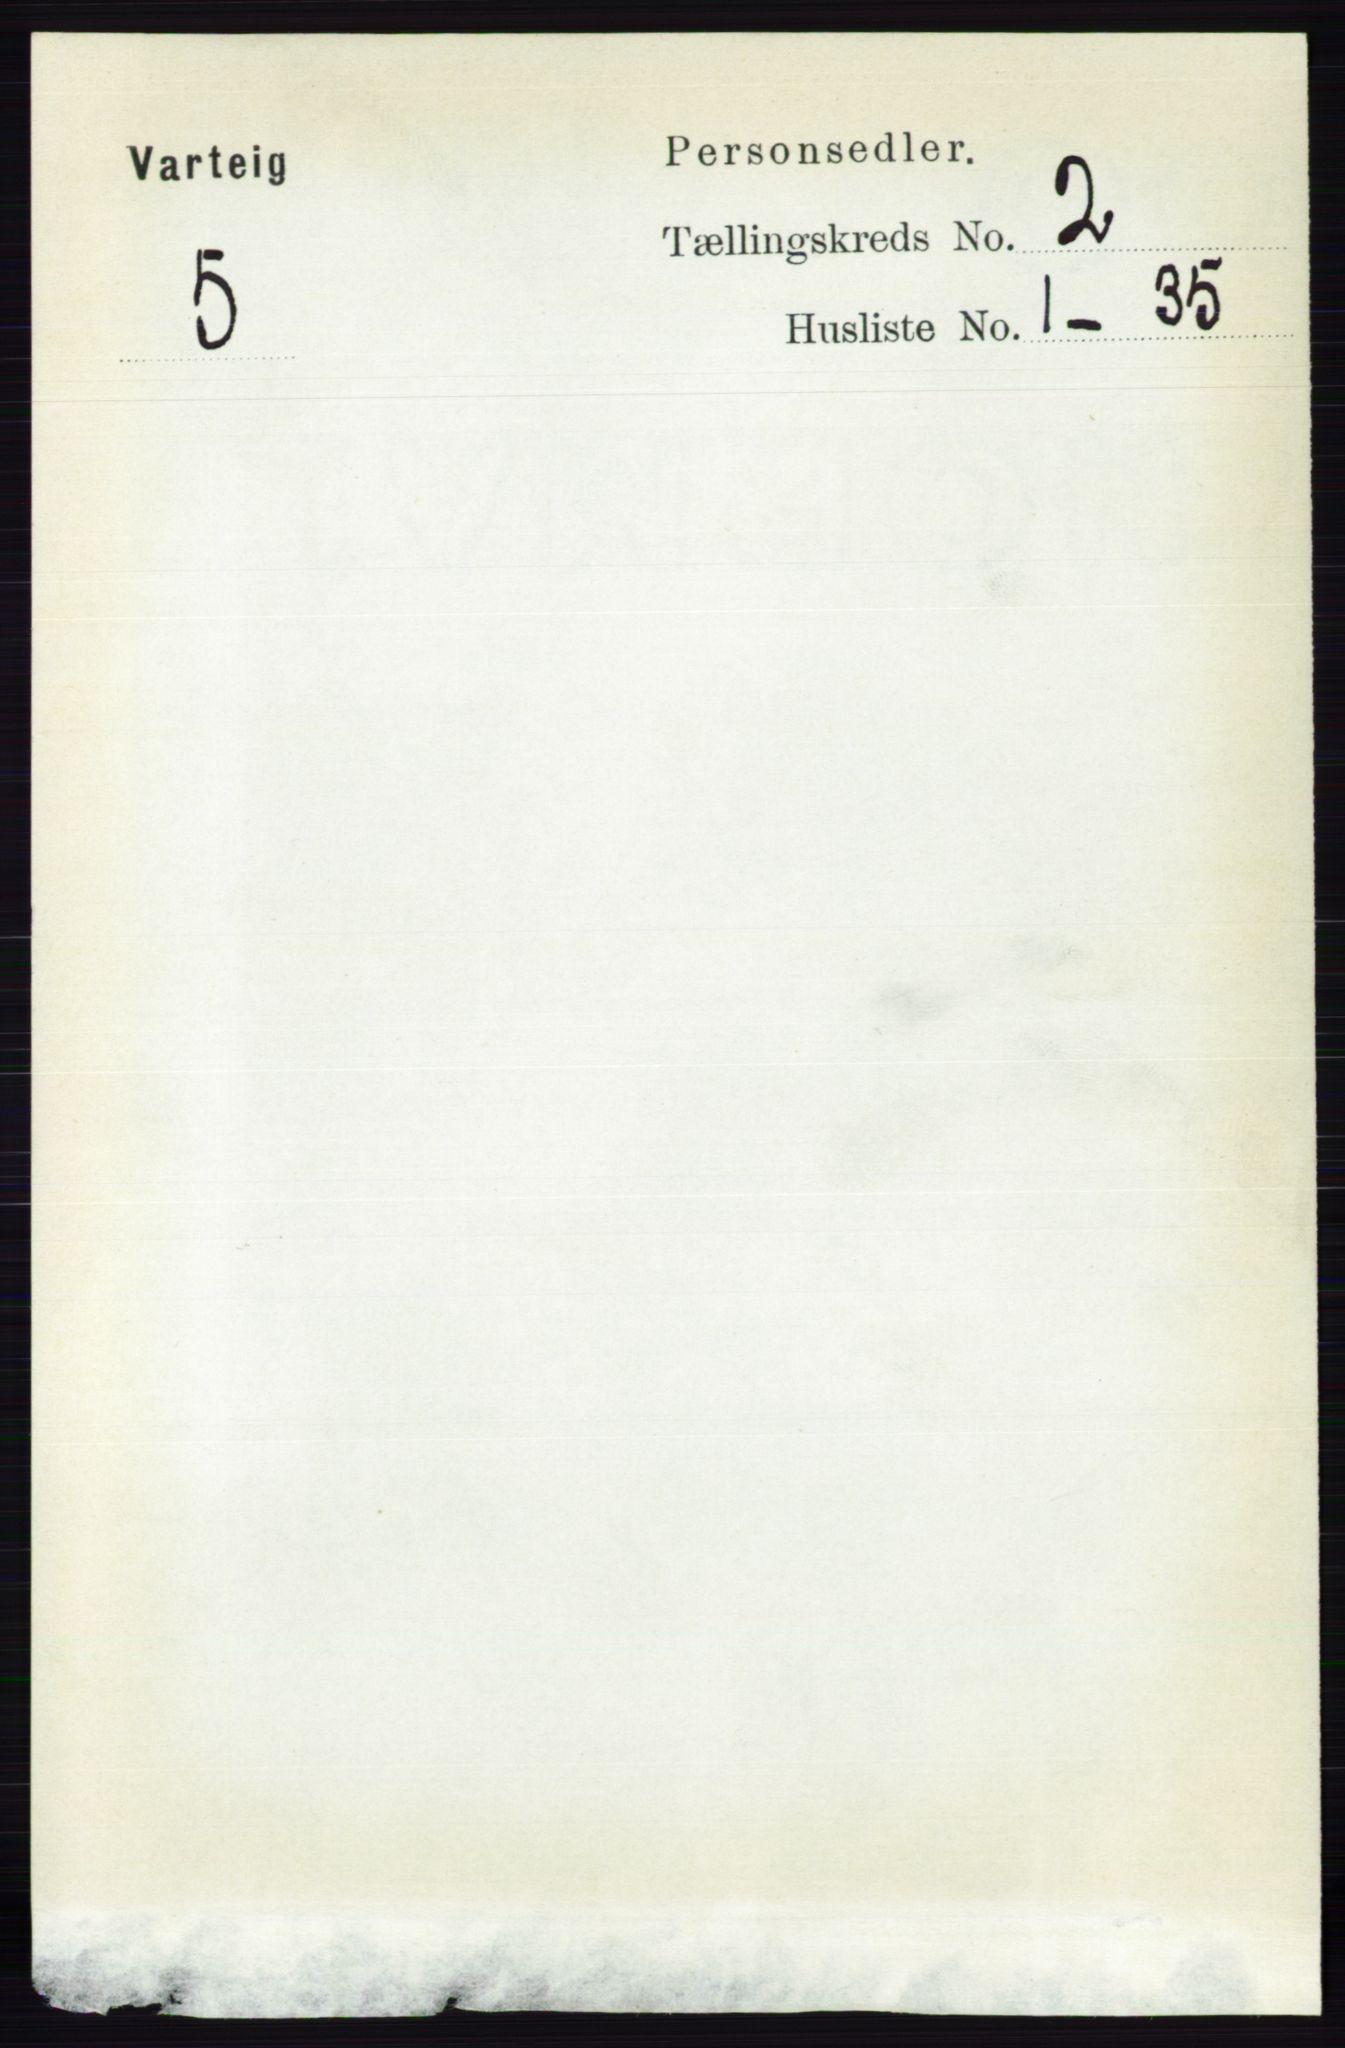 RA, Folketelling 1891 for 0114 Varteig herred, 1891, s. 580